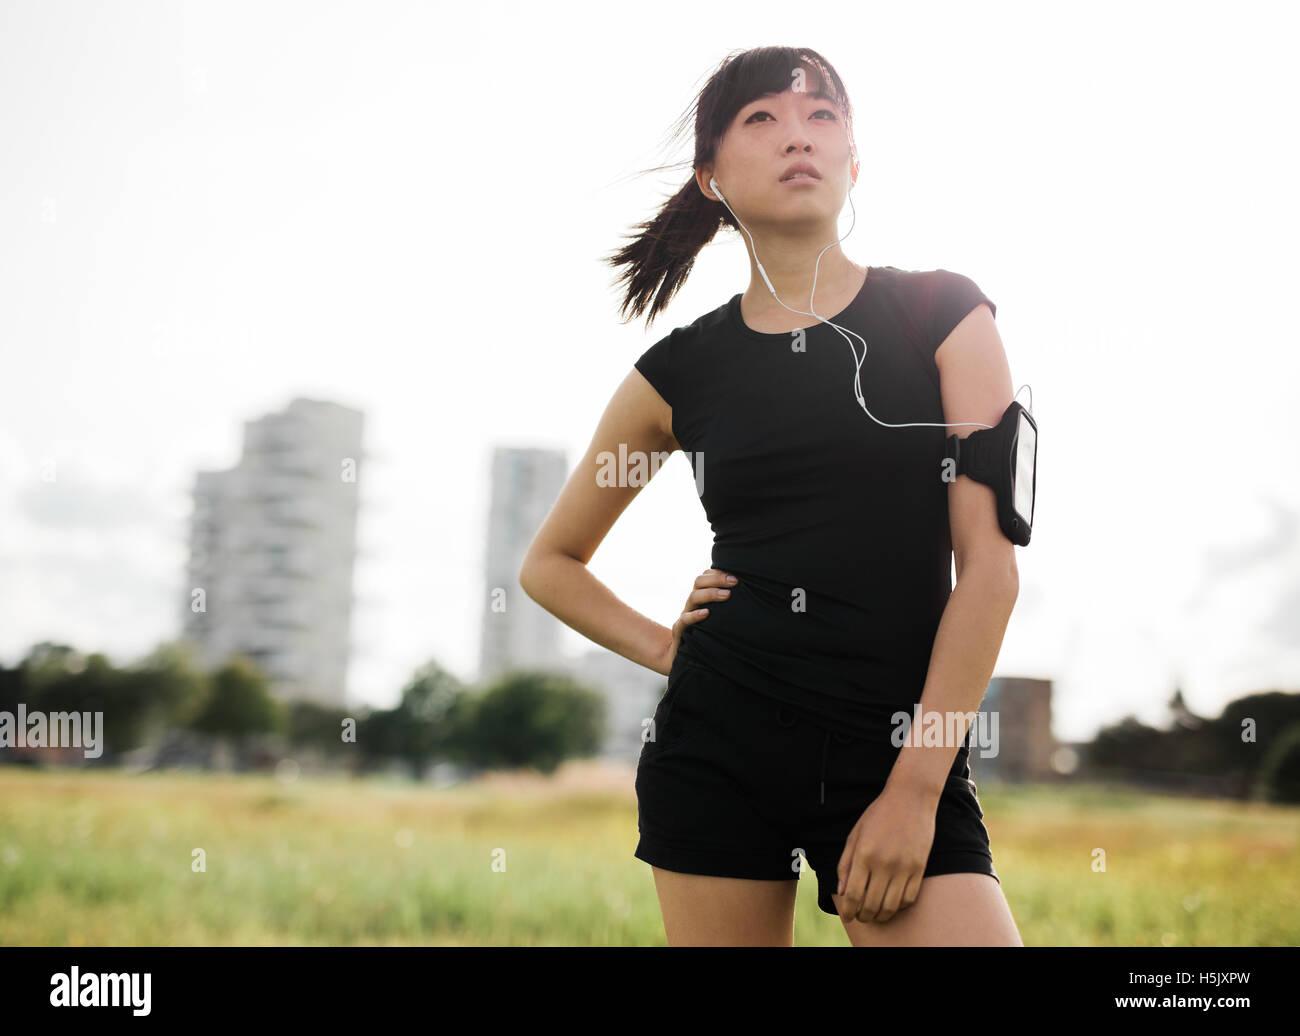 Disparó al aire libre de corredoras de pie en el parque urbano. Mujer china en ropa deportiva con auriculares Imagen De Stock